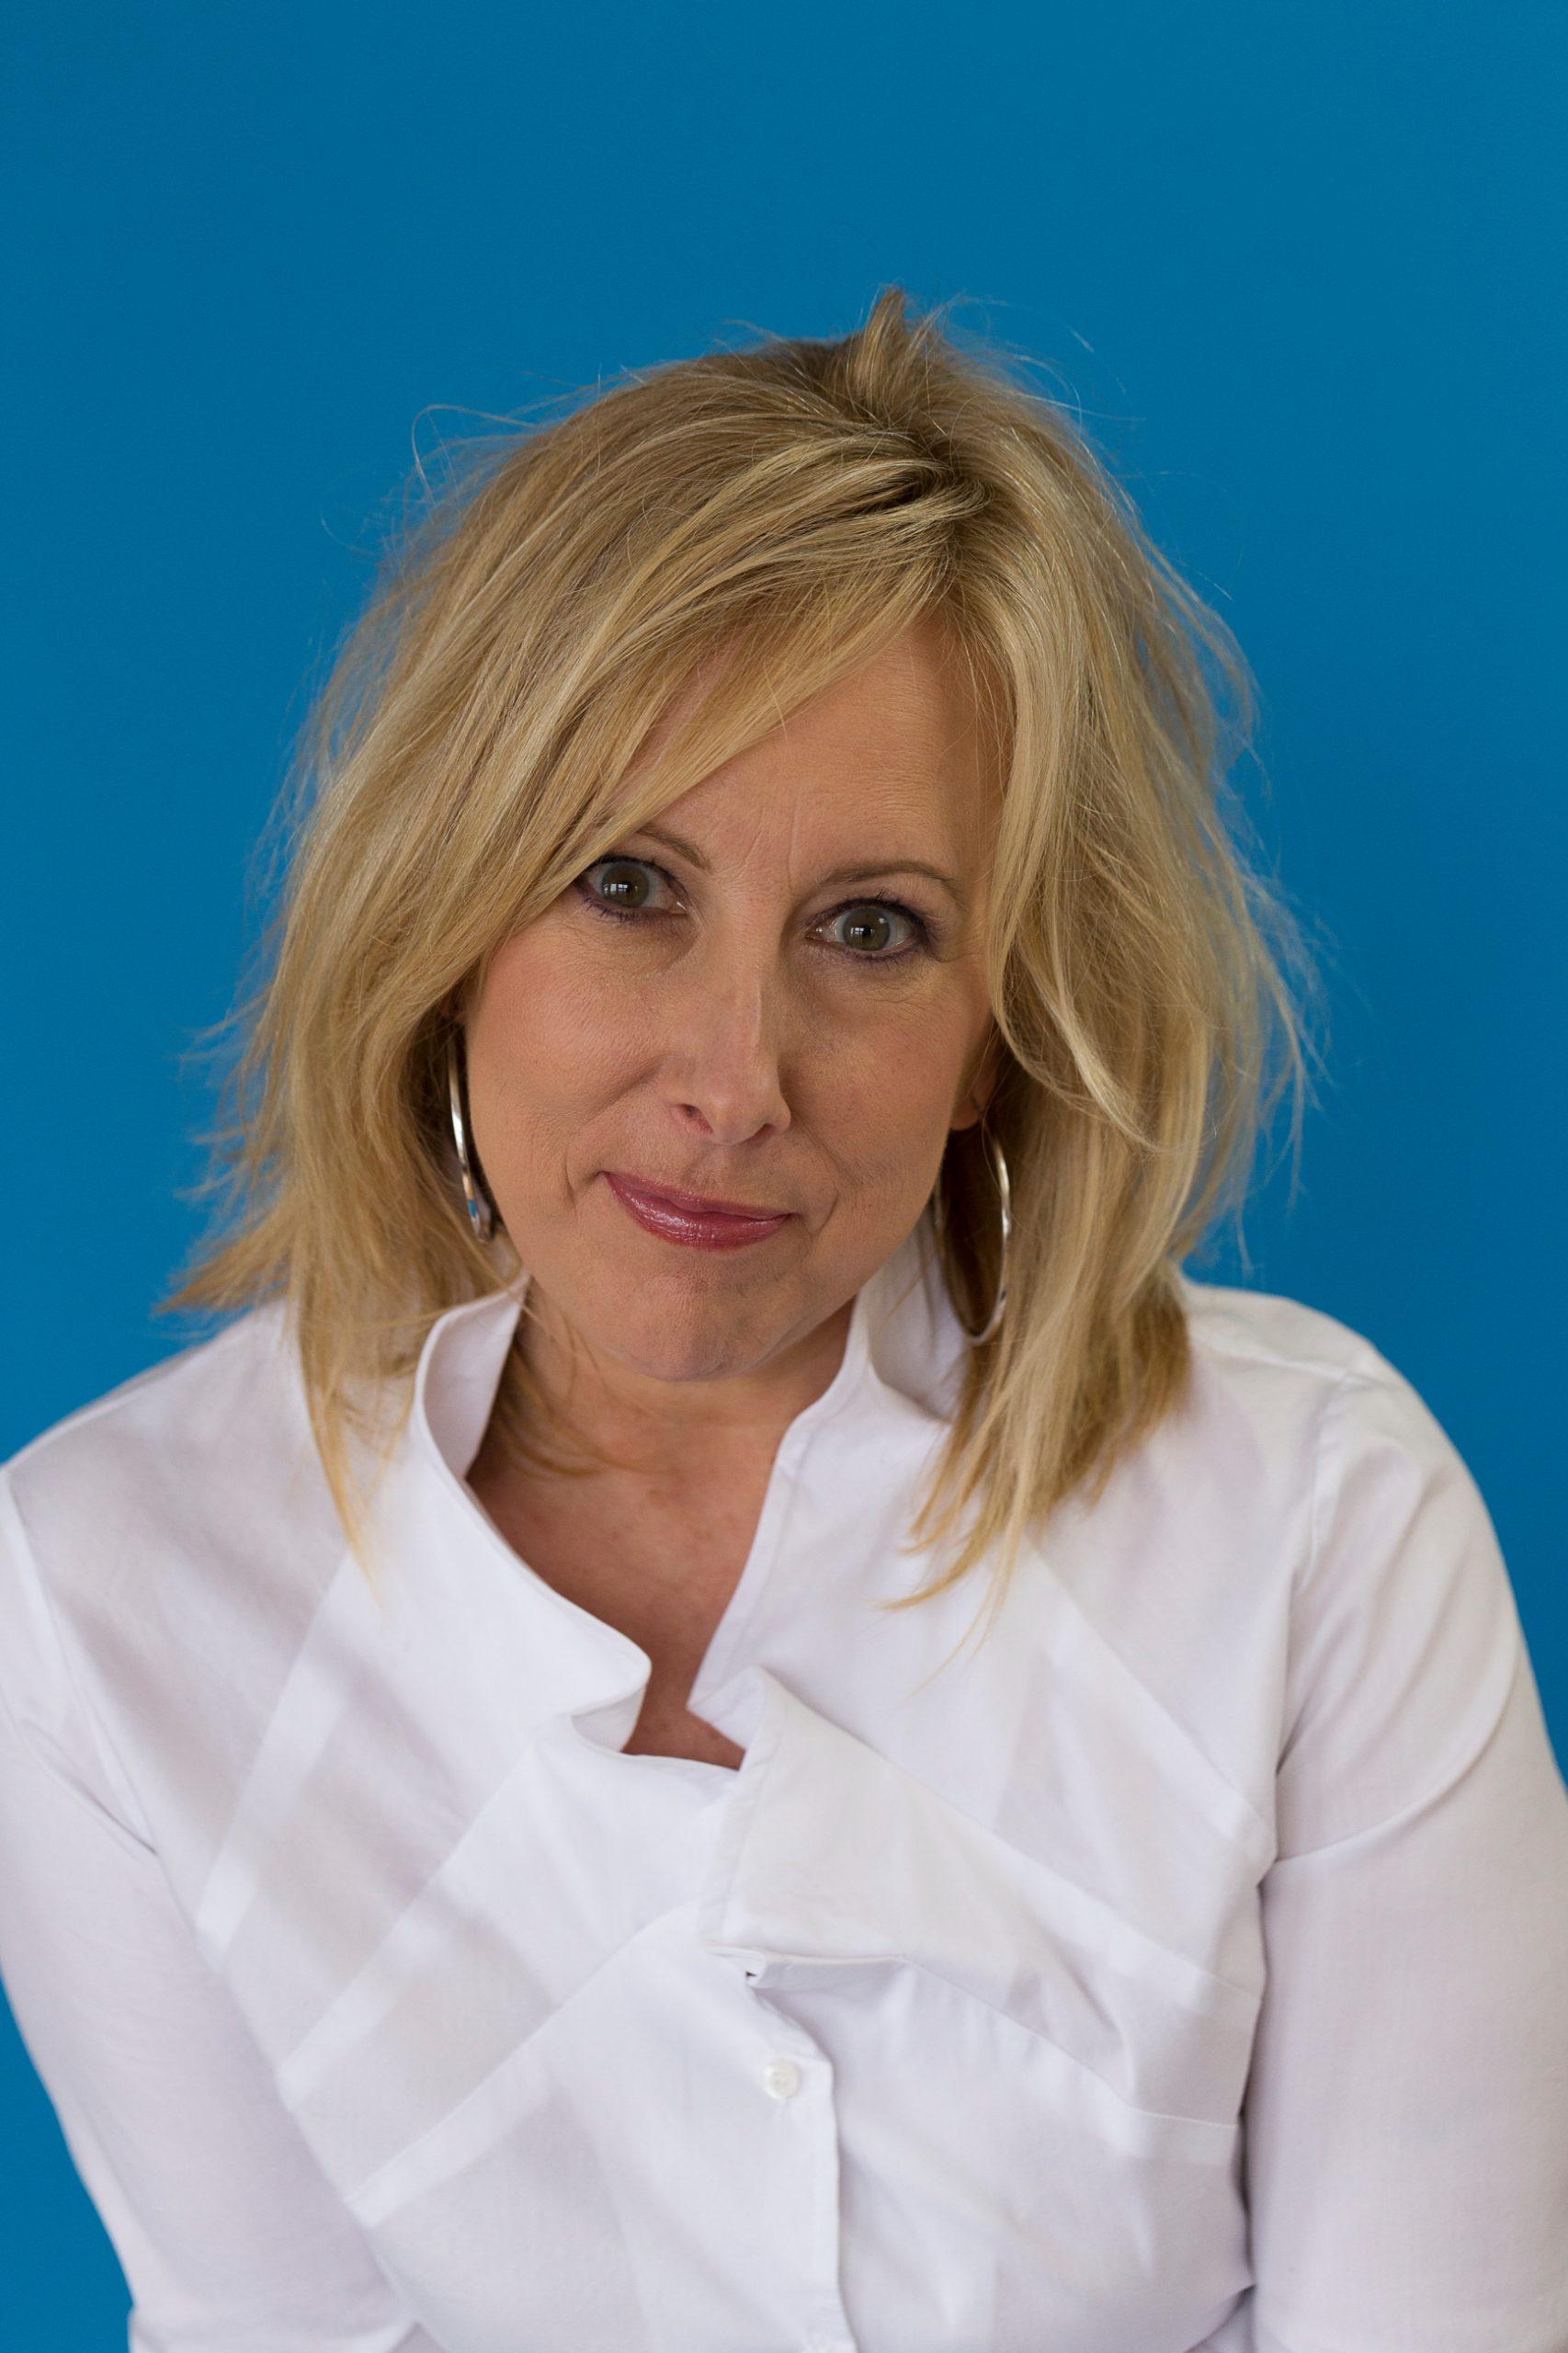 Joanne Pouliot